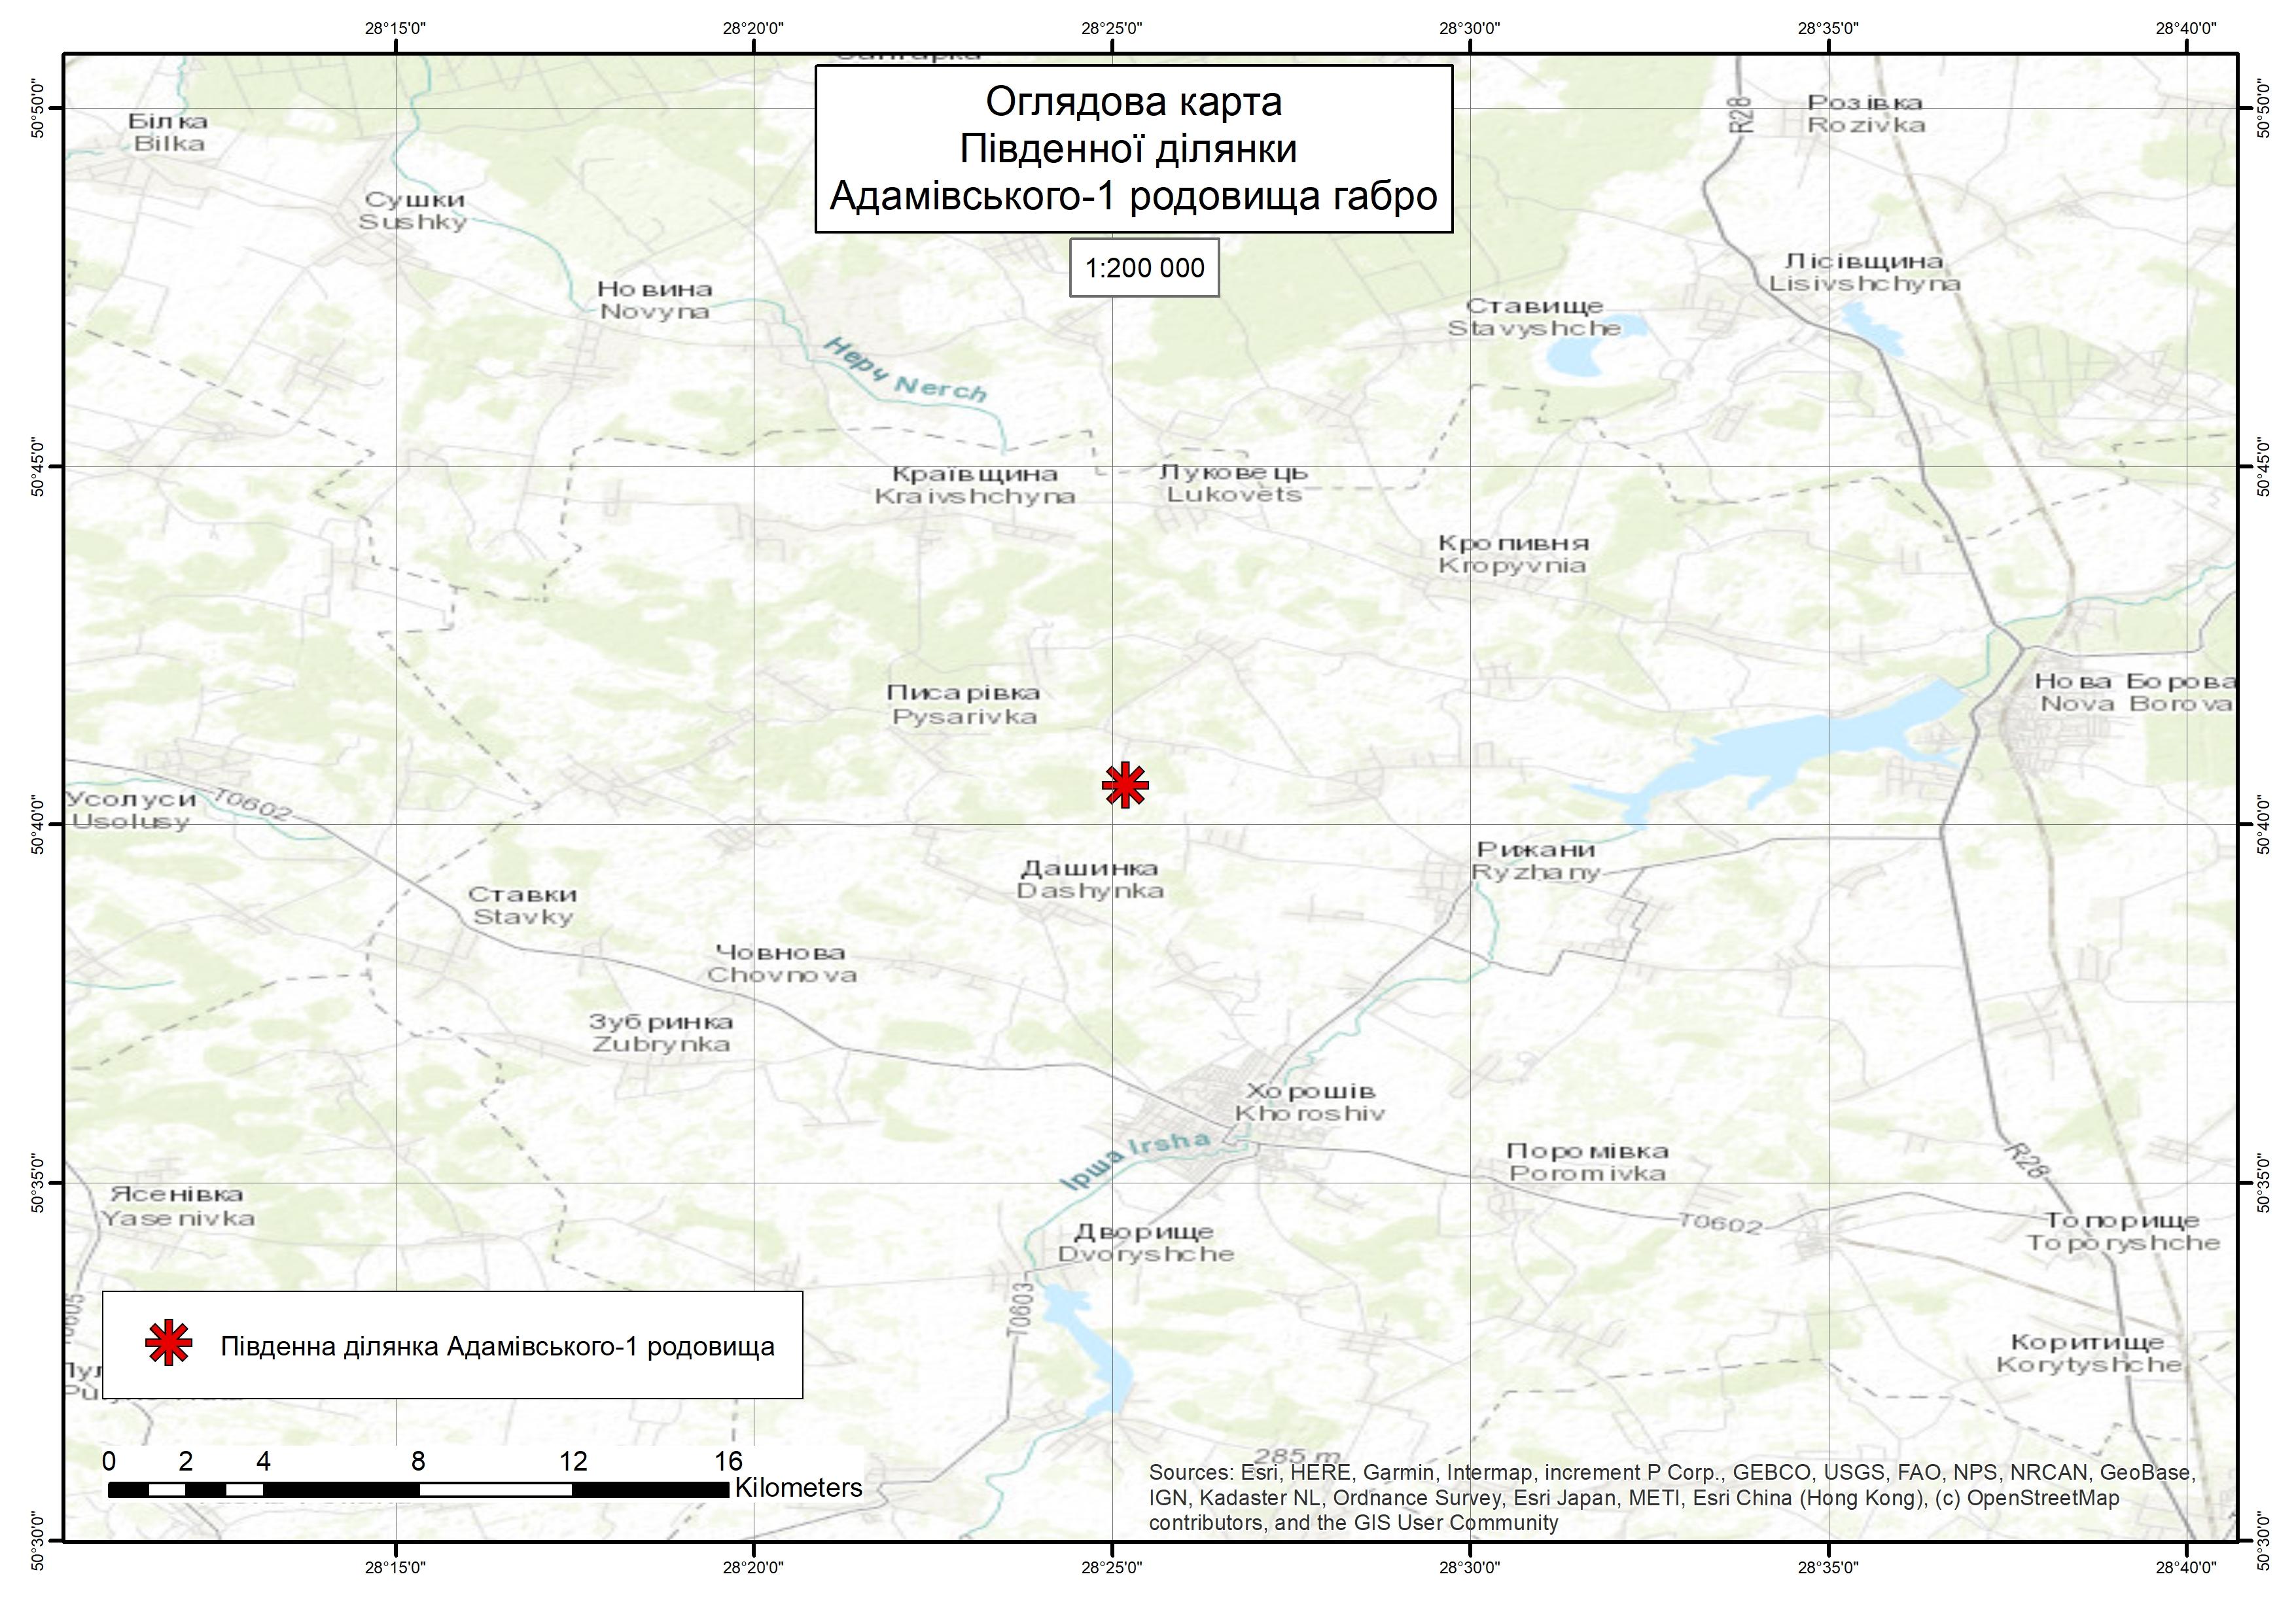 Спеціальний дозвіл на користування надрами – Південна ділянка Адамівського-1 родовища. Вартість геологічної інформації – 77 041,58 грн (з ПДВ). Вартість пакету аукціонної документації – 7 297,49 грн (з ПДВ).